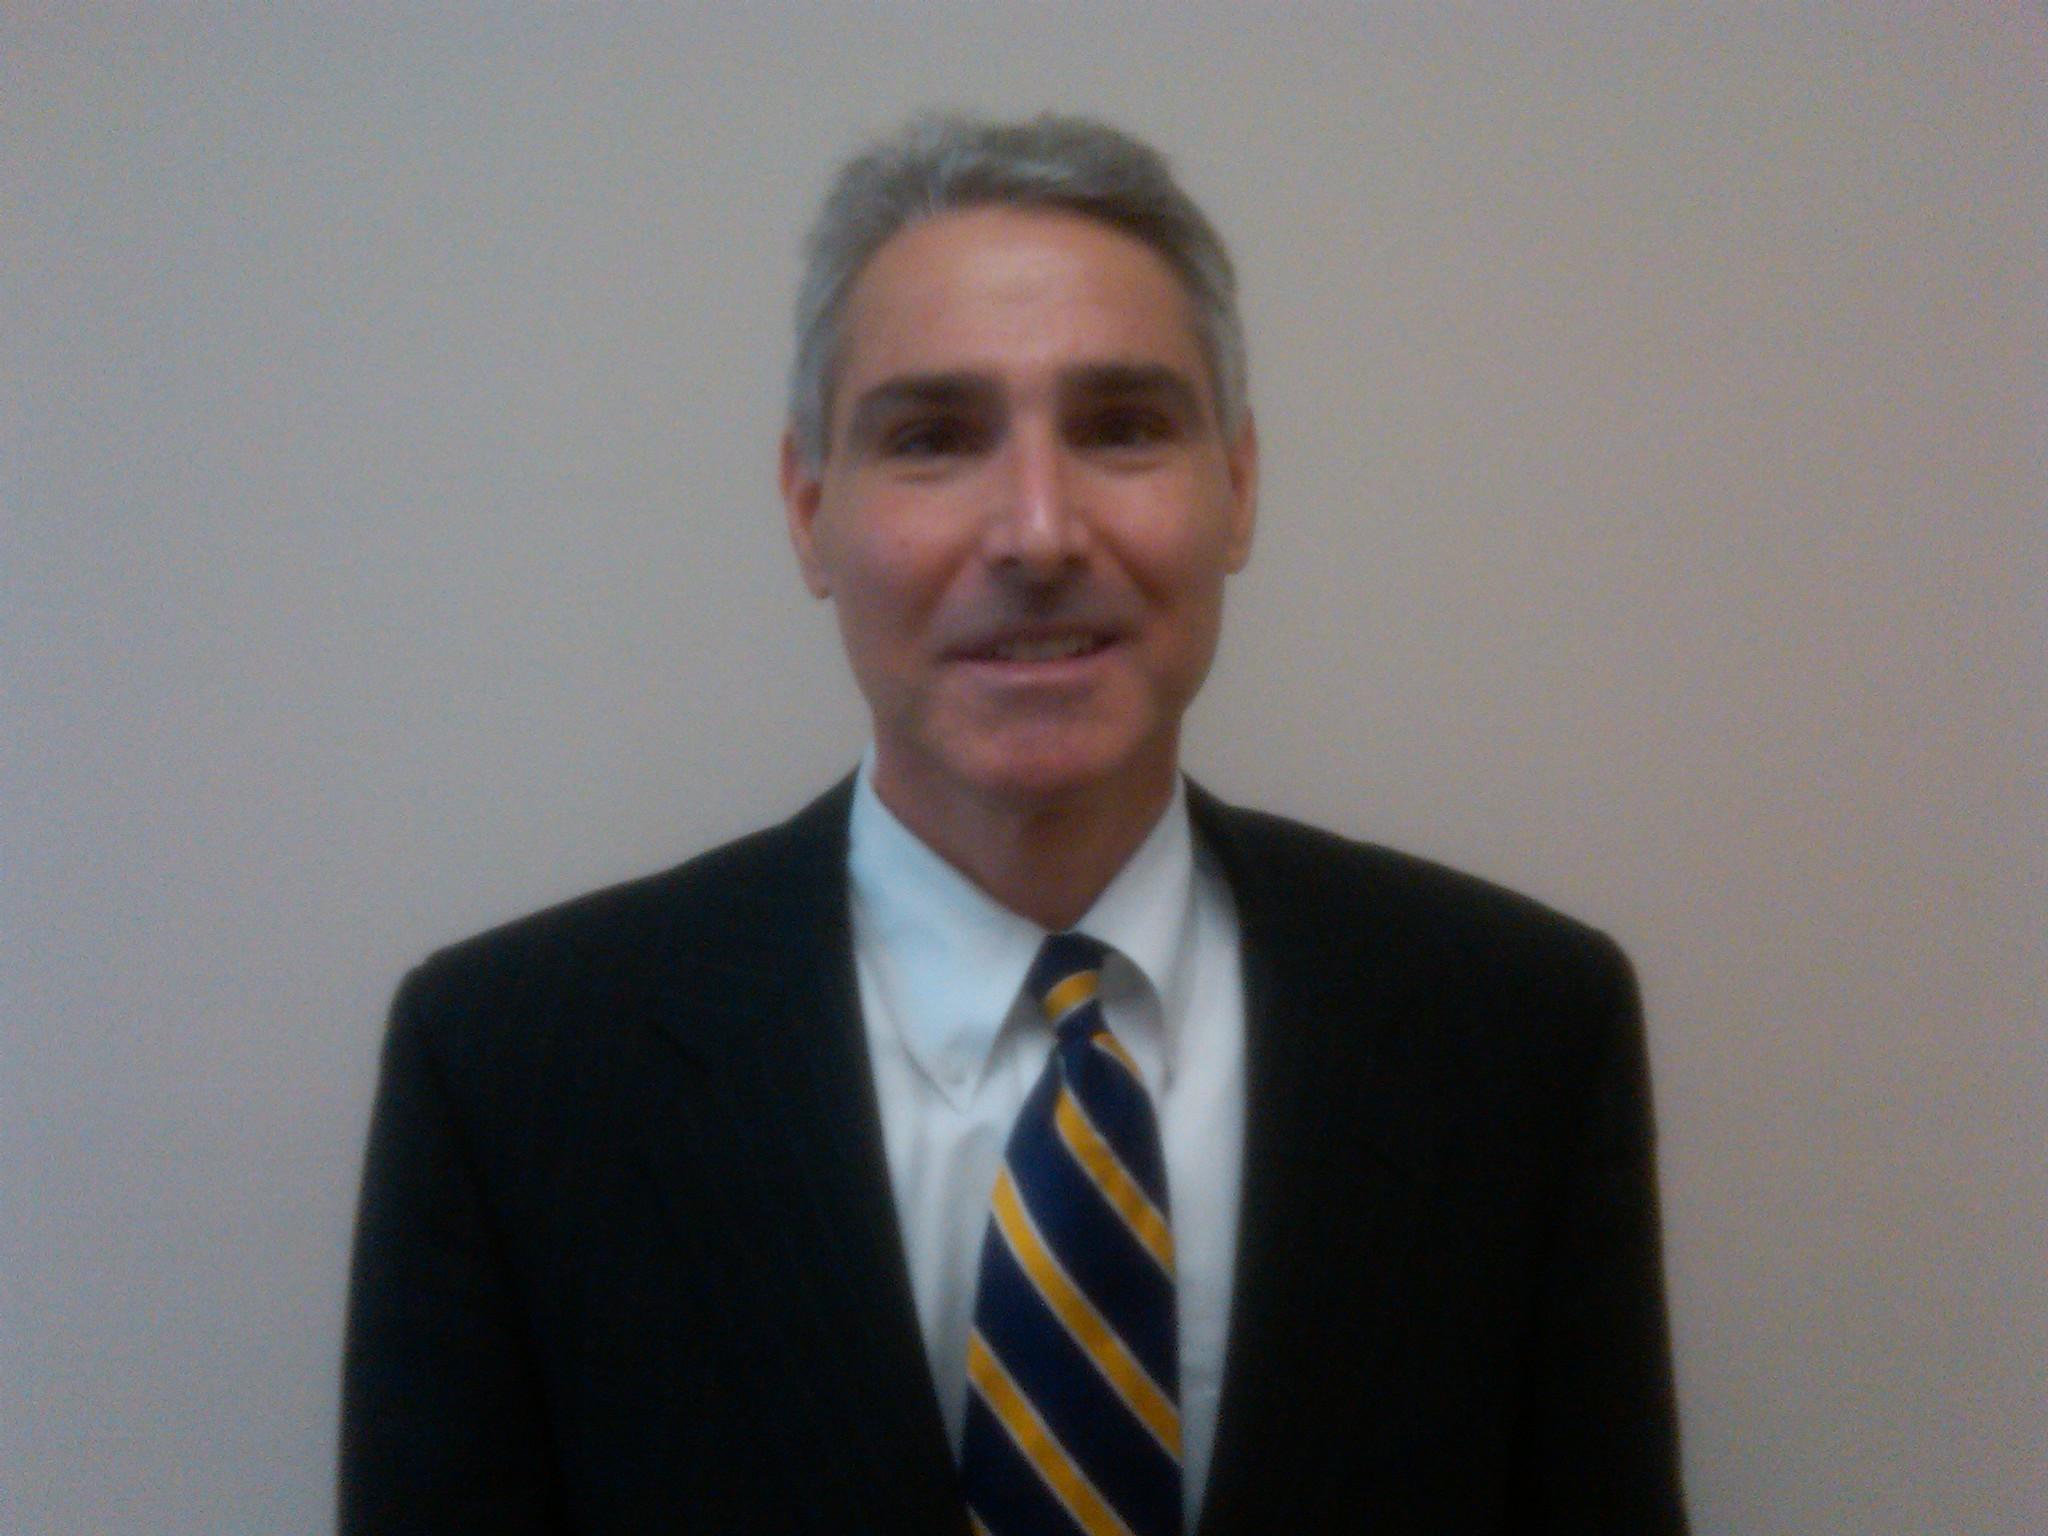 Mark A. Berenato, Attorney at Law